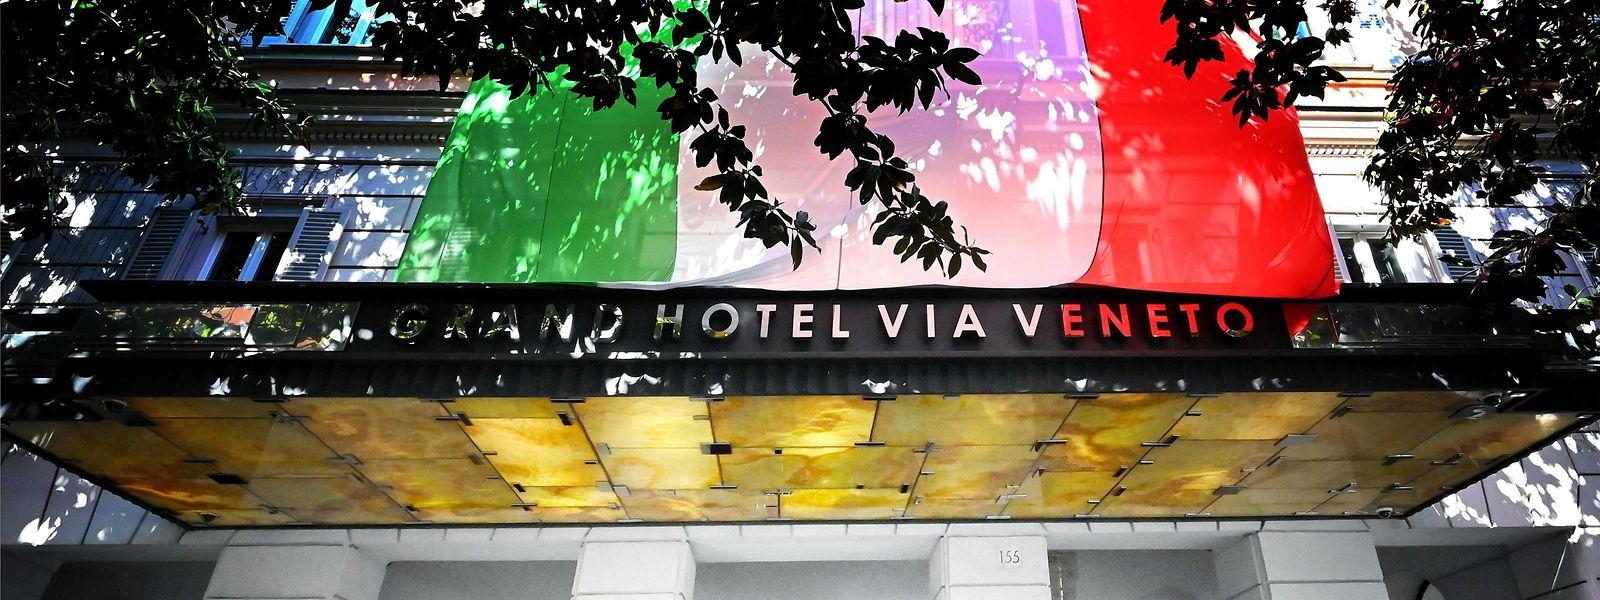 Le tourisme fait partie des secteurs de l'économie italienne les plus touchés par l'impact de l'épidémie.